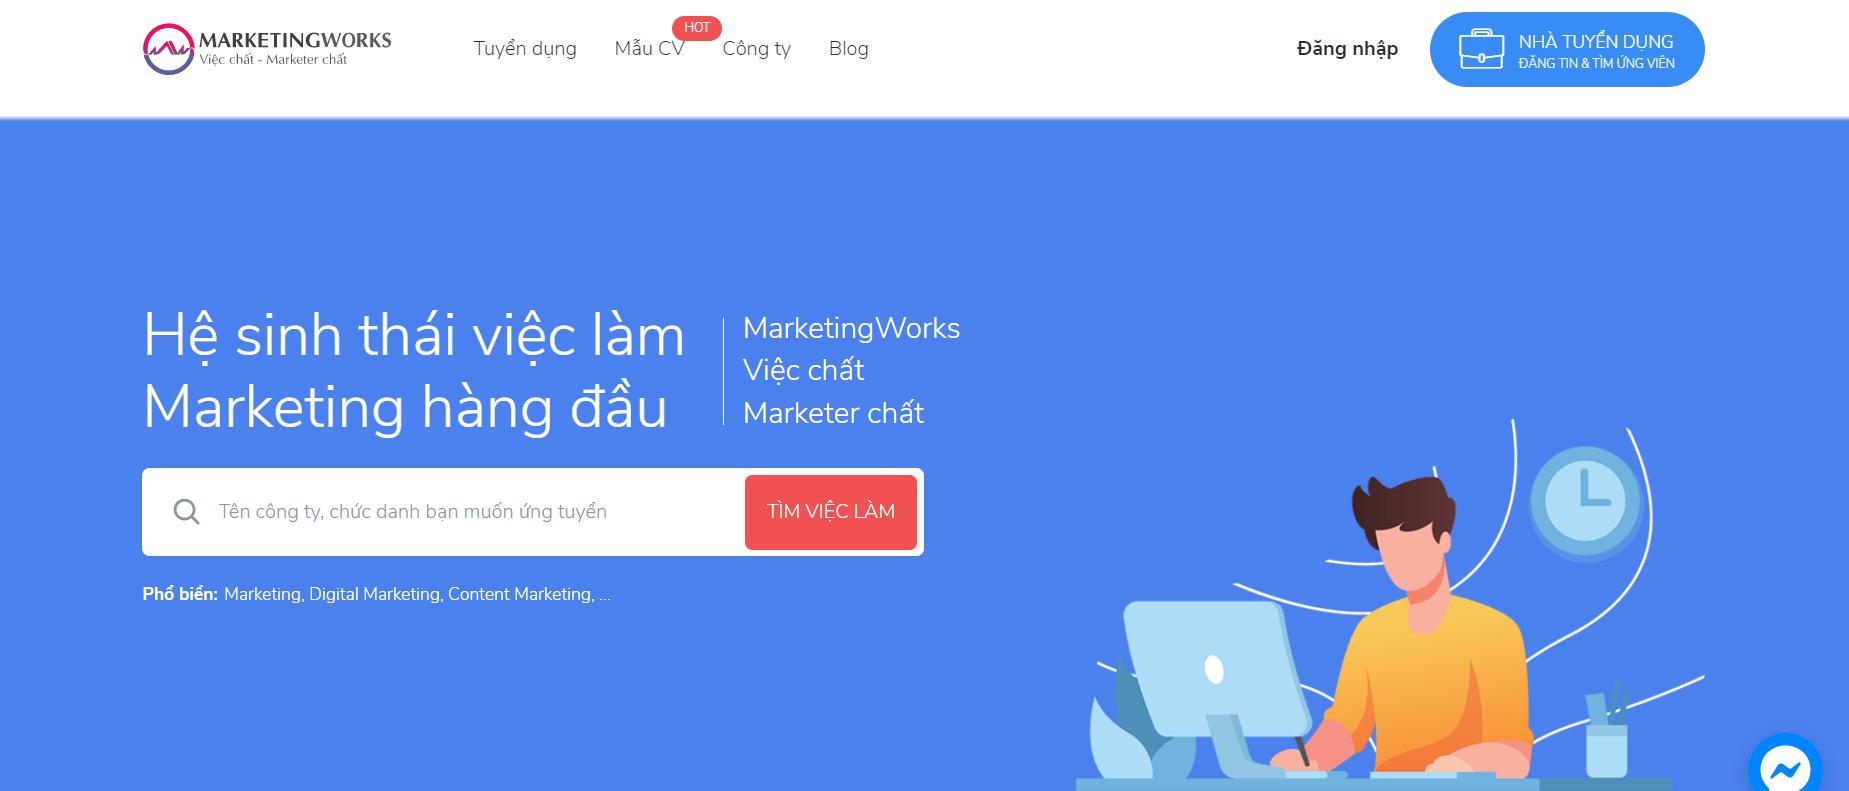 MarketingWorks